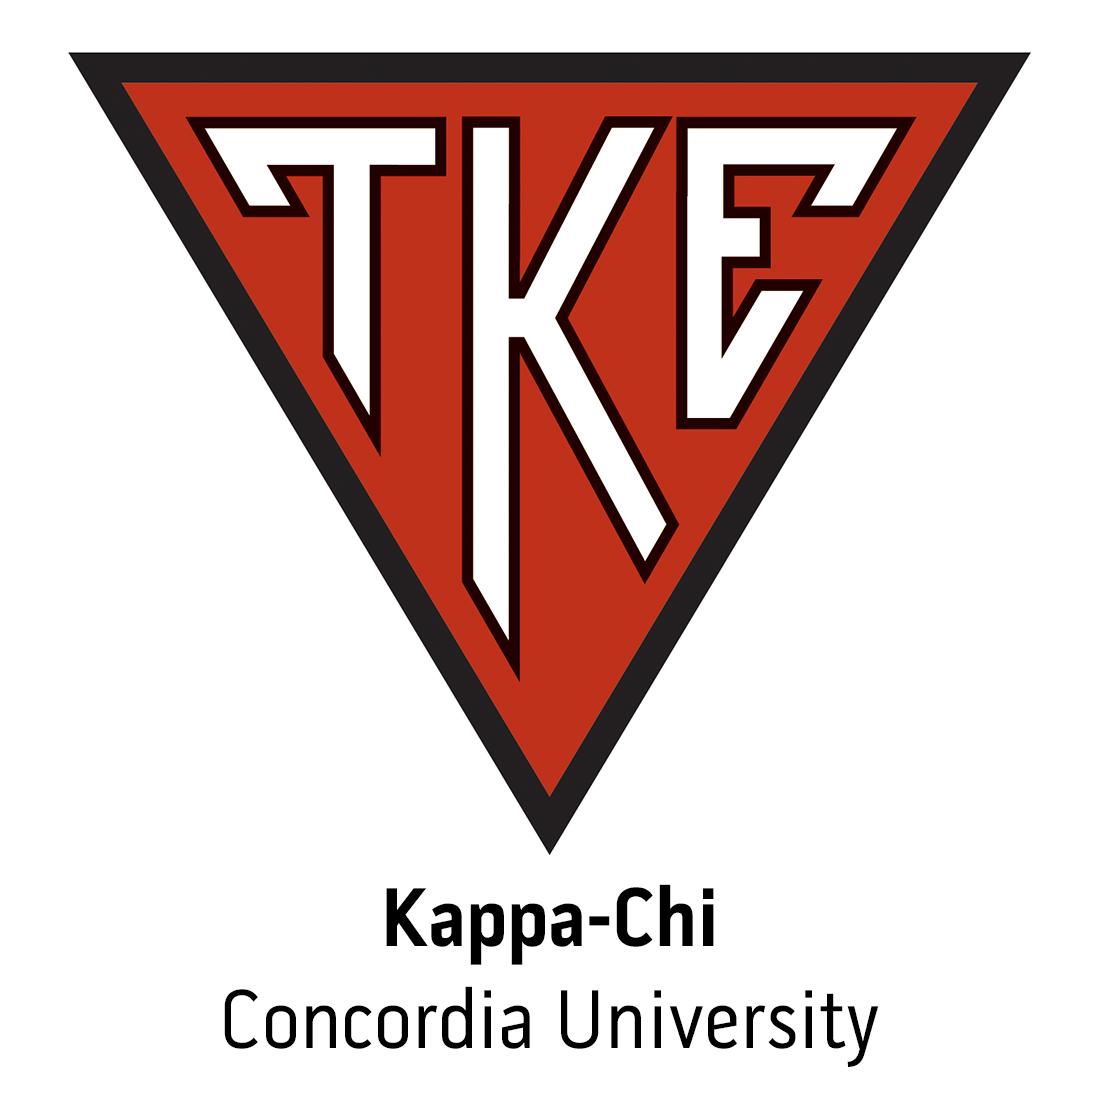 Kappa-Chi Chapter at Concordia University